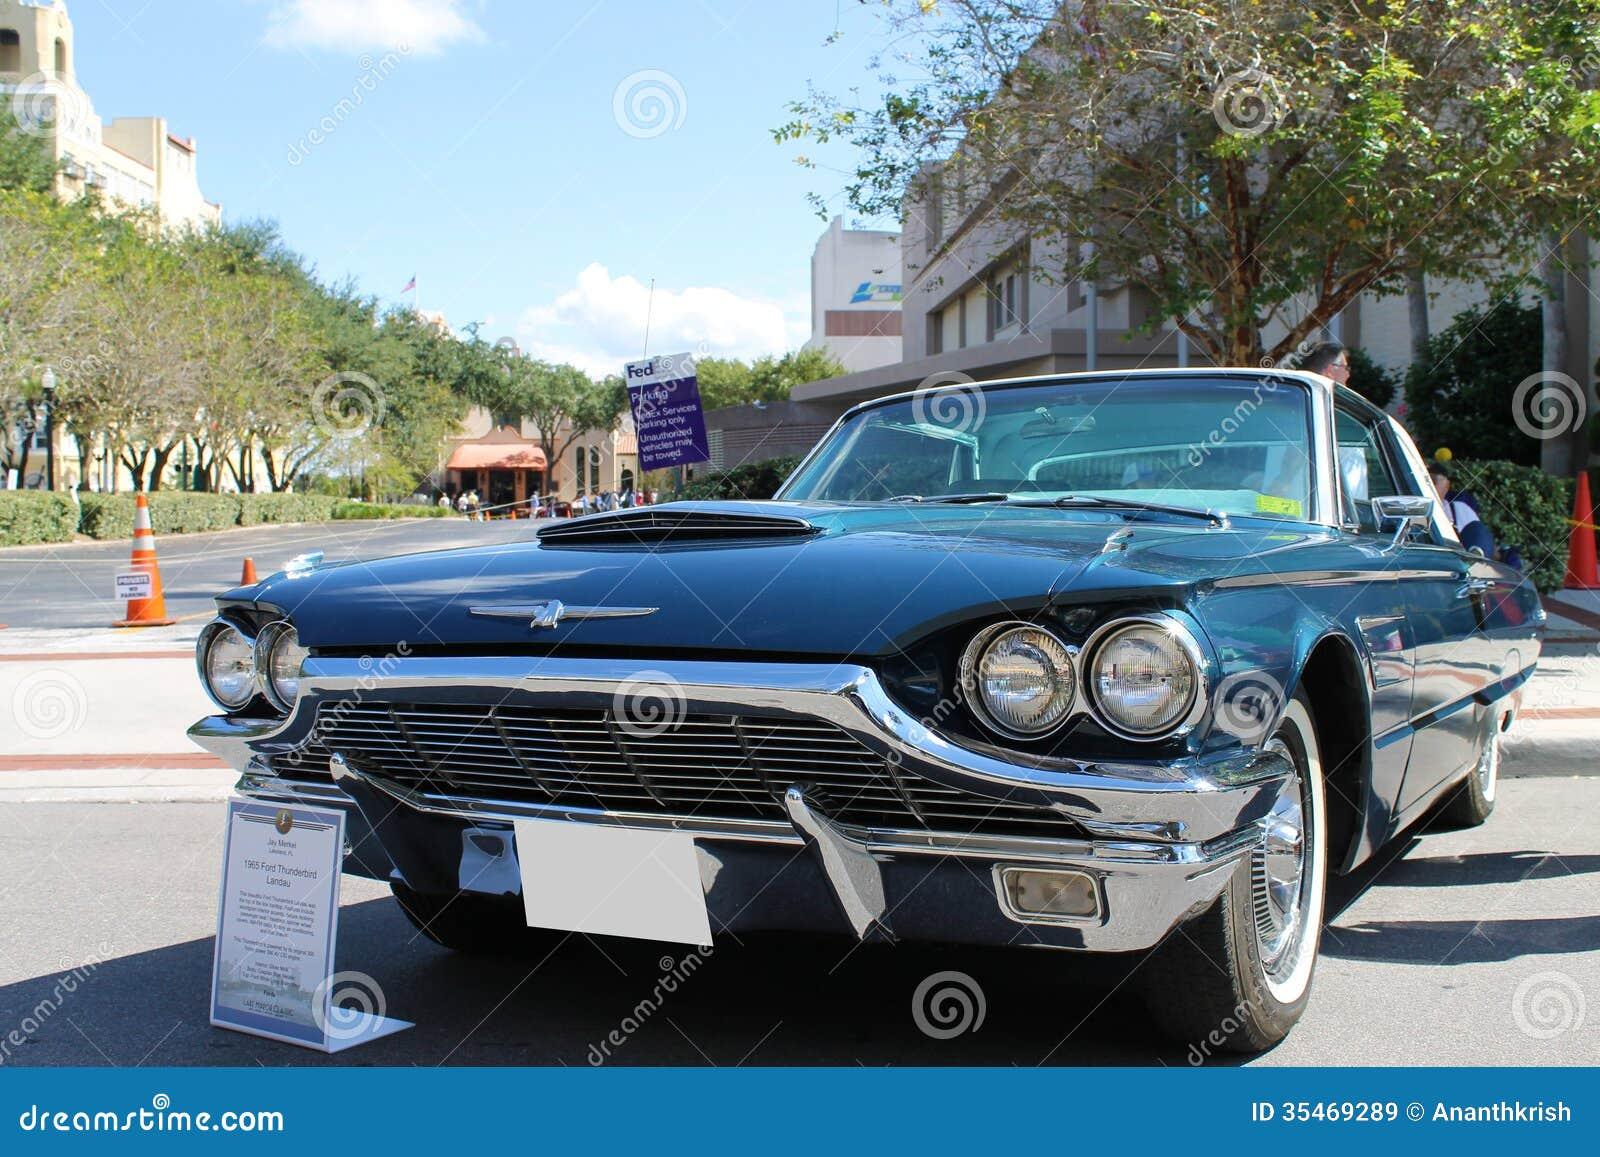 Vieux ford thunderbird car au salon automobile image stock for Salon vieilles voitures